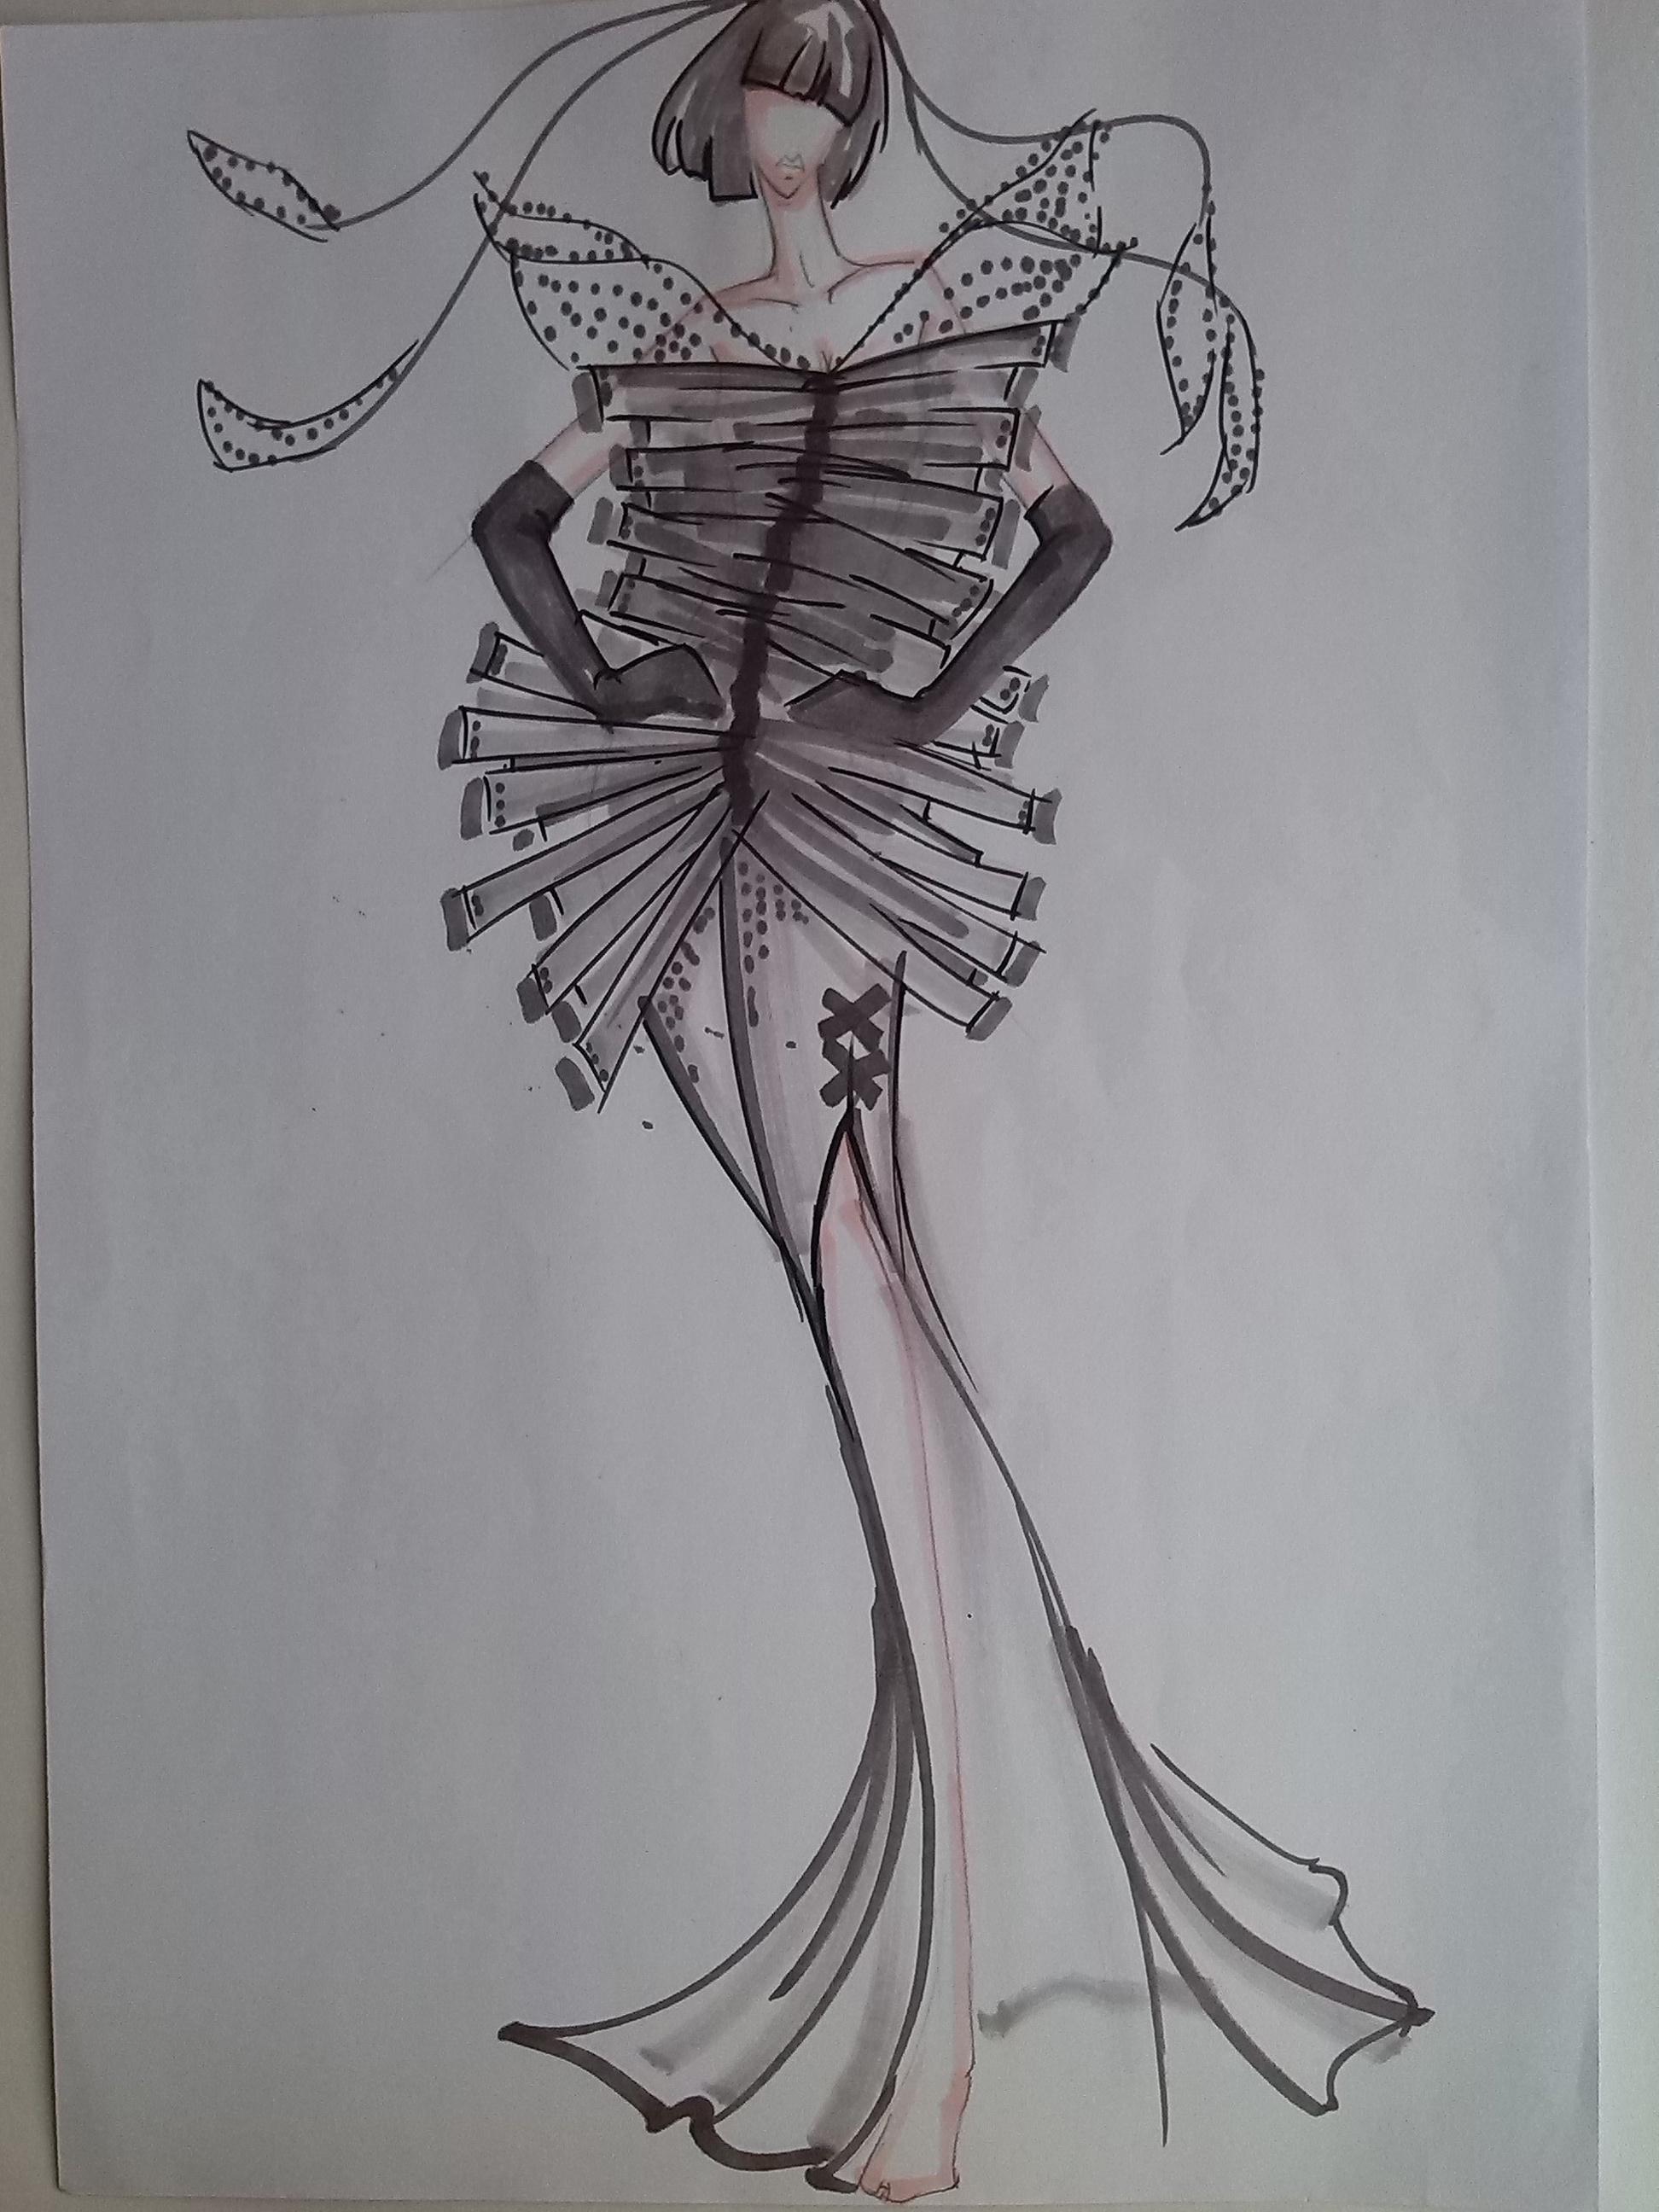 马克笔手绘效果图|服装|其他服装|哈哈youlook - 原创